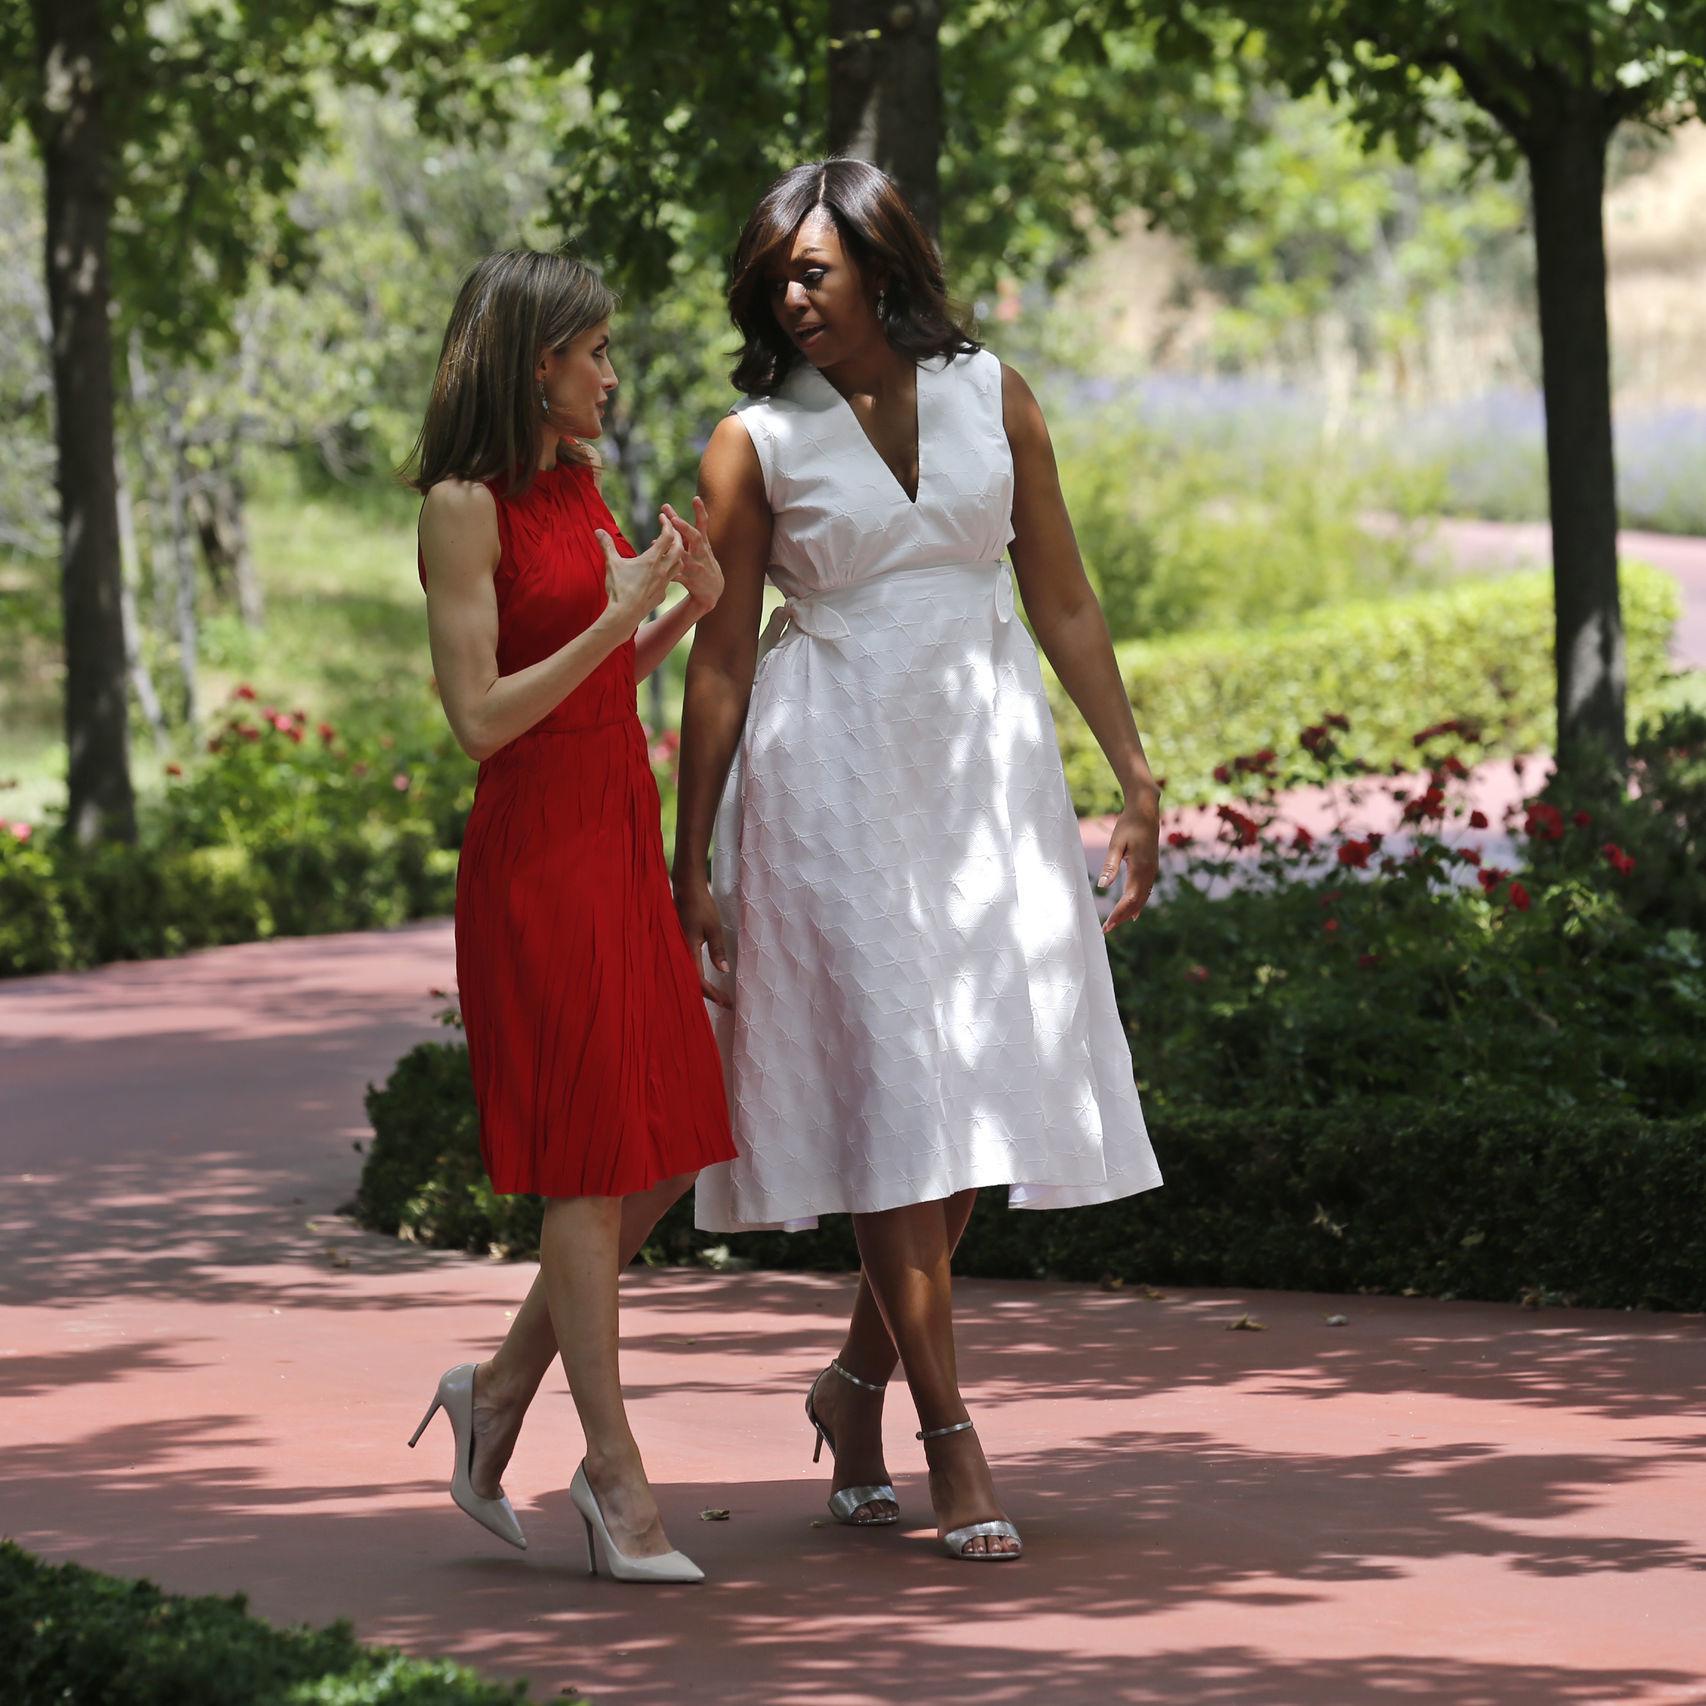 La reina Letizia junto a Michelle Obama, con vestido rojo y salones en...